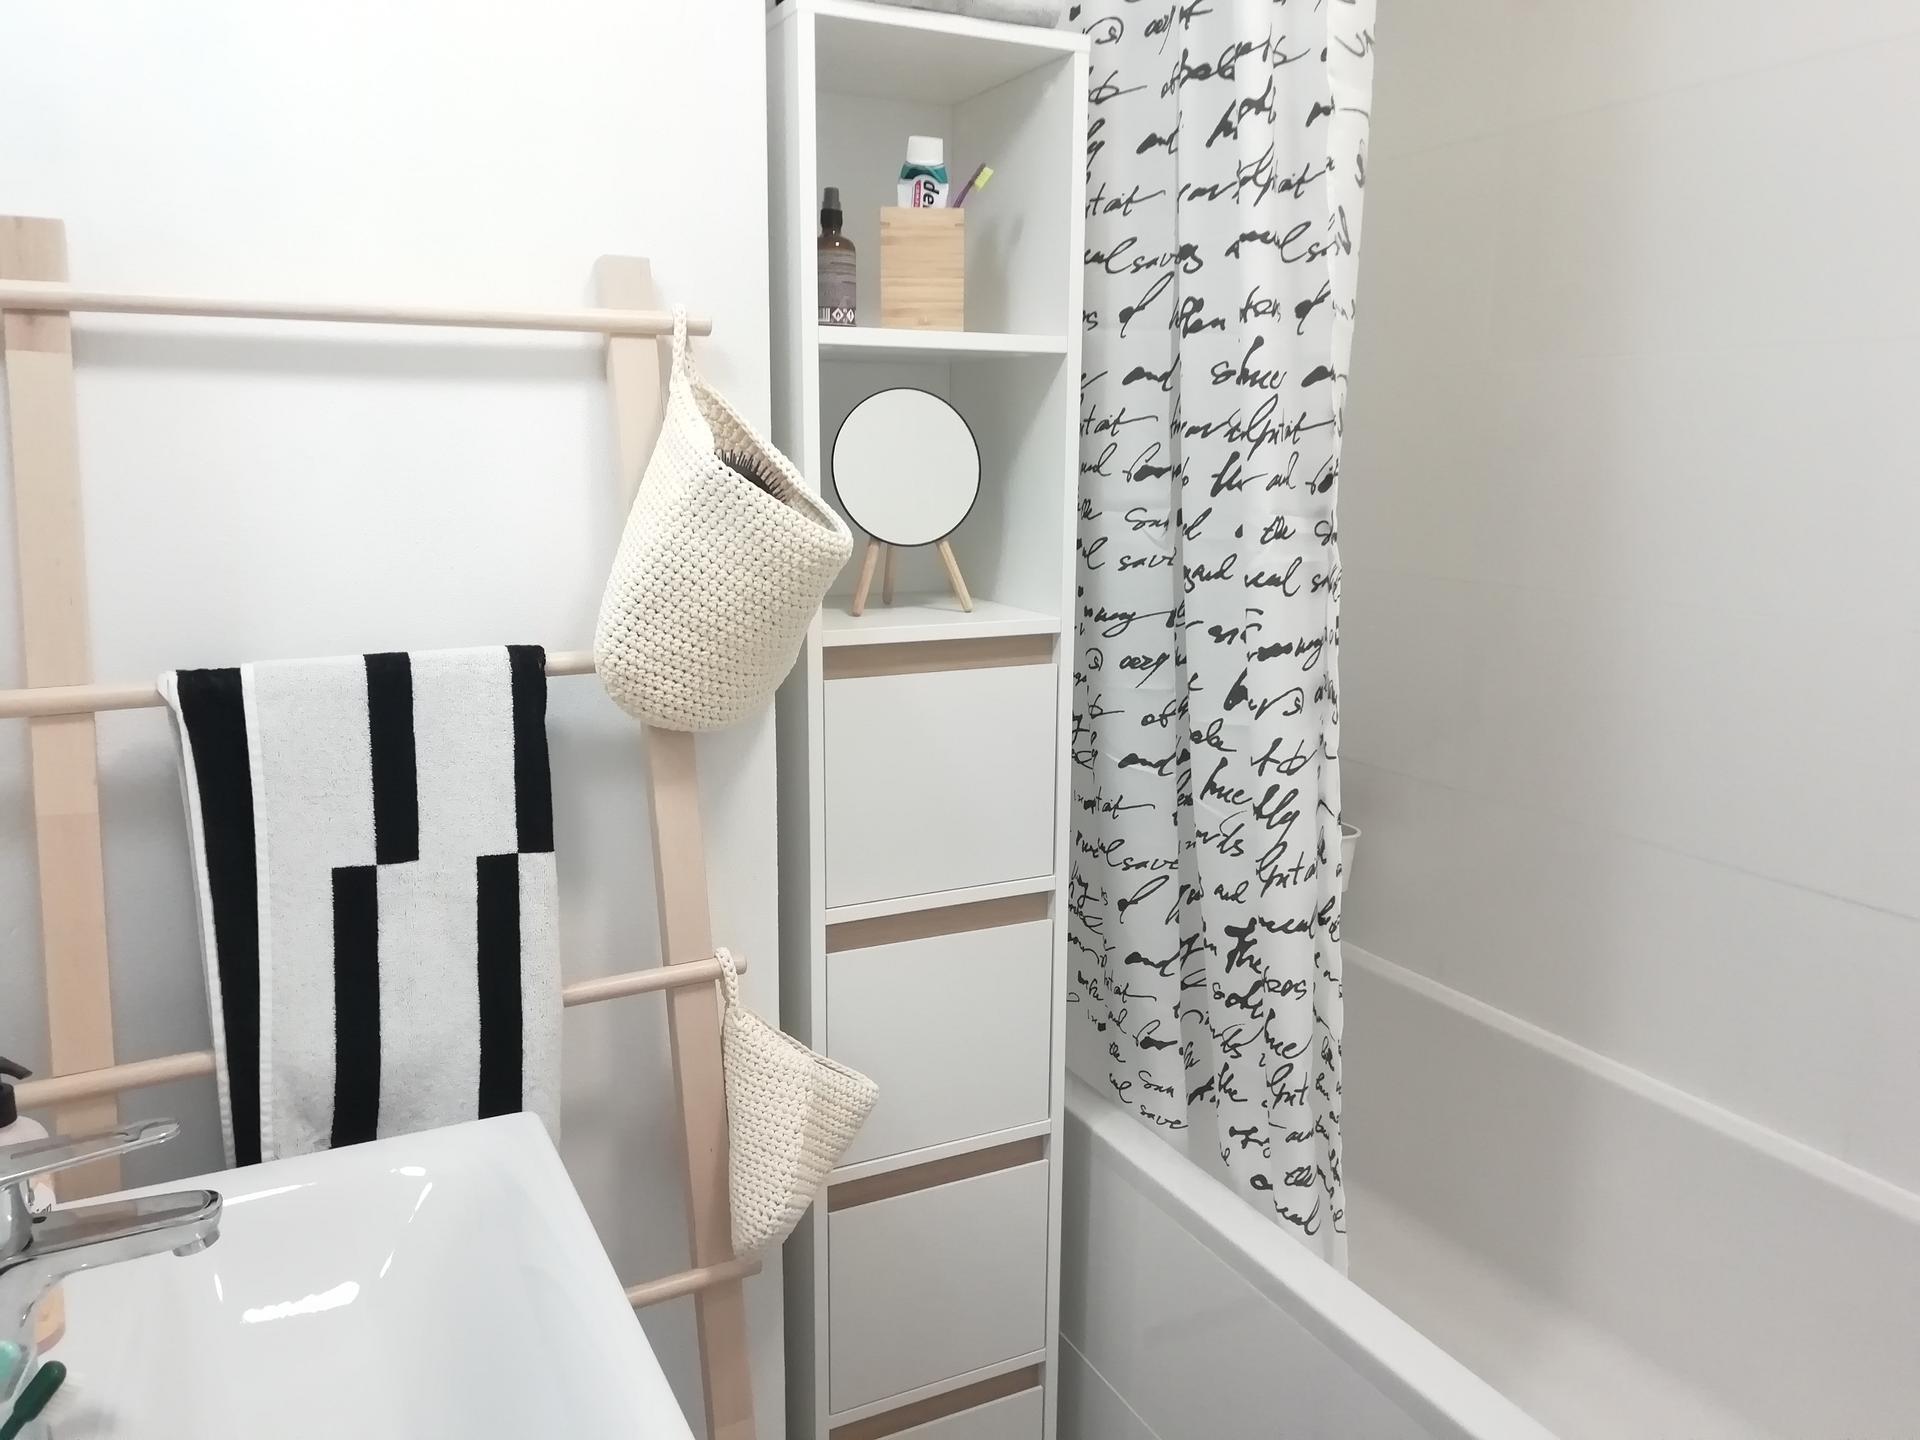 Prerábka kúpeľne, wc a chodby v byte - Obrázok č. 8